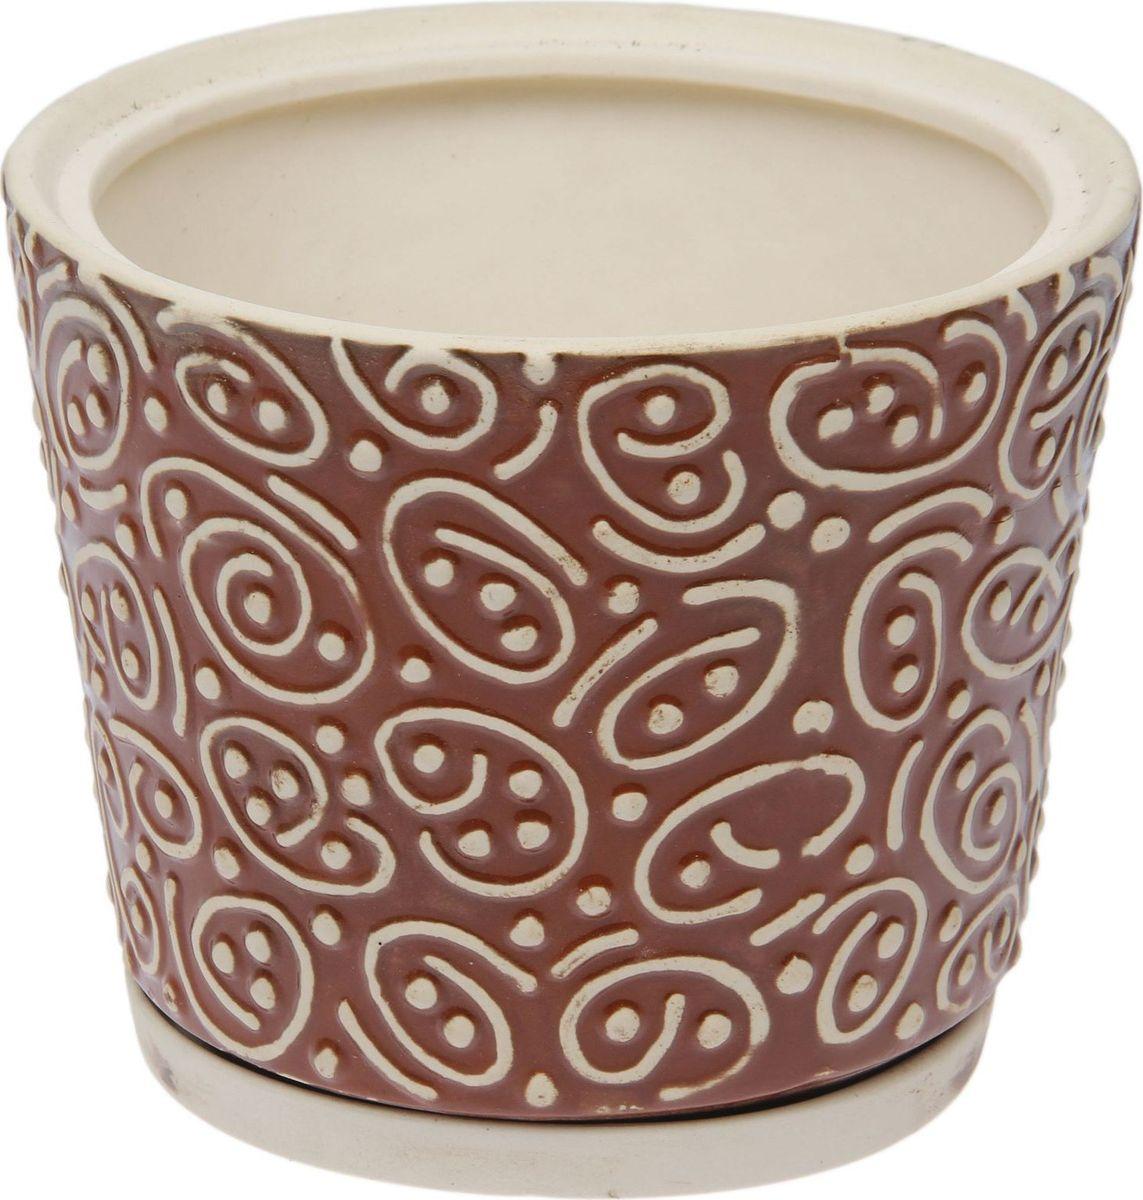 Кашпо Керамика ручной работы Серпантин, 3,5 л1475902Комнатные растения — всеобщие любимцы. Они радуют глаз, насыщают помещение кислородом и украшают пространство. Каждому из них необходим свой удобный и красивый дом. Кашпо из керамики прекрасно подходят для высадки растений: за счет пластичности глины и разных способов обработки существует великое множество форм и дизайнов пористый материал позволяет испаряться лишней влаге воздух, необходимый для дыхания корней, проникает сквозь керамические стенки! позаботится о зеленом питомце, освежит интерьер и подчеркнет его стиль.